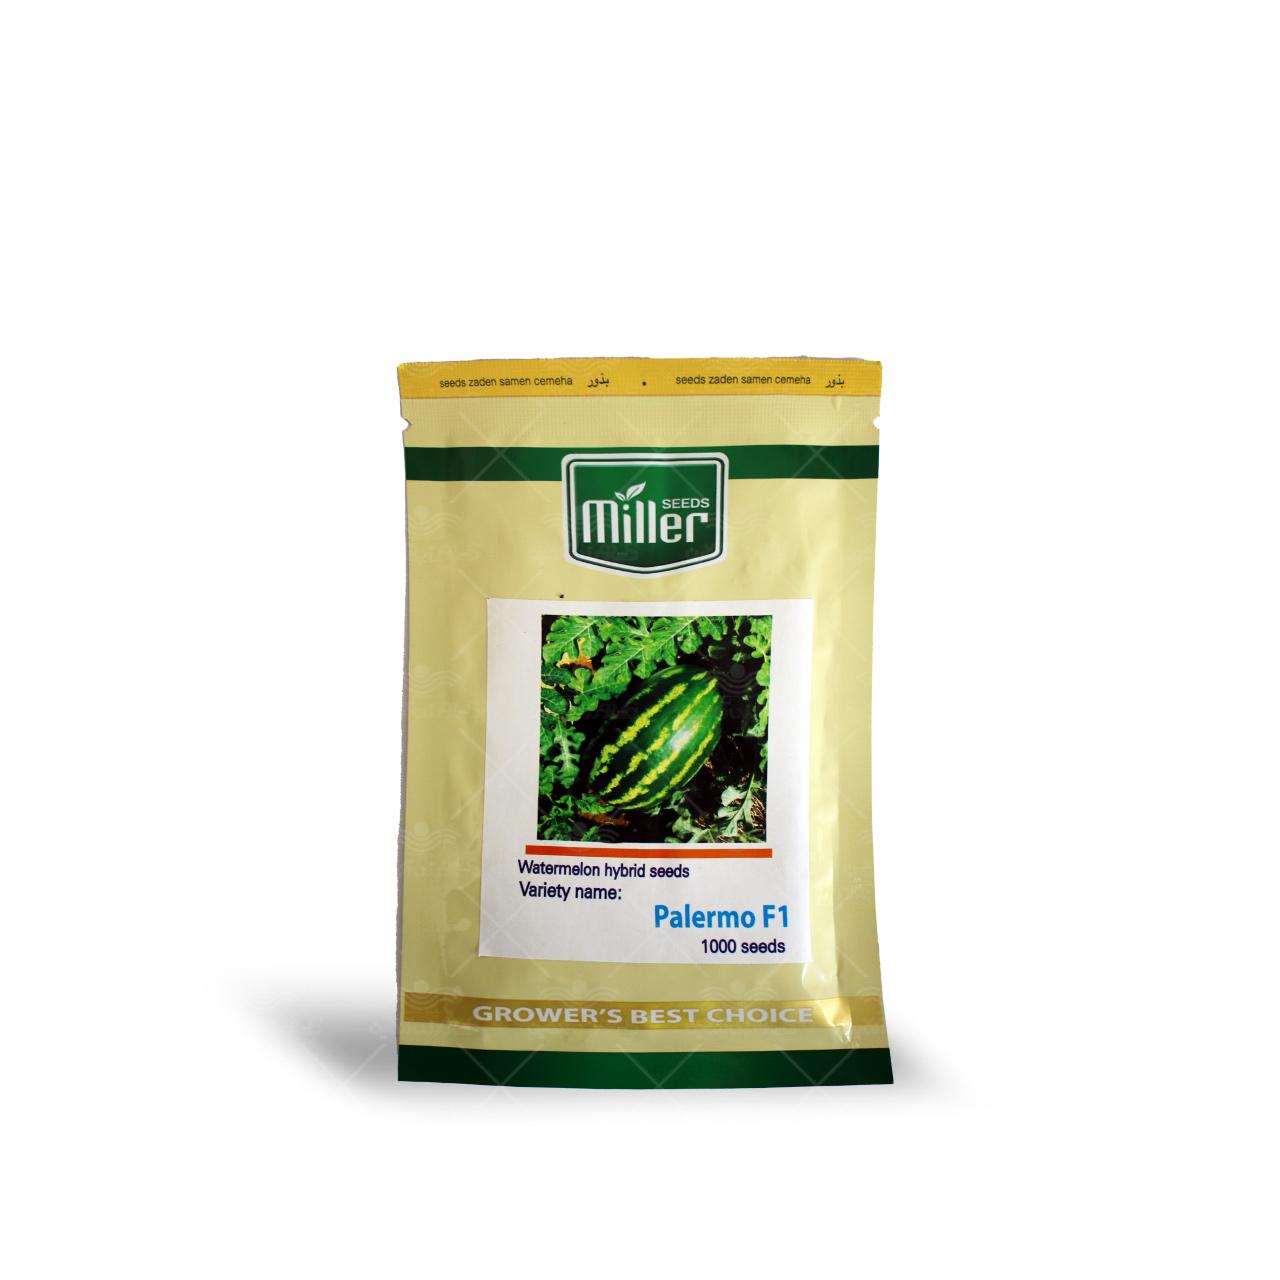 بذر هندوانه کریمسون سوییت کشیده پالرمو تیپ ب 32